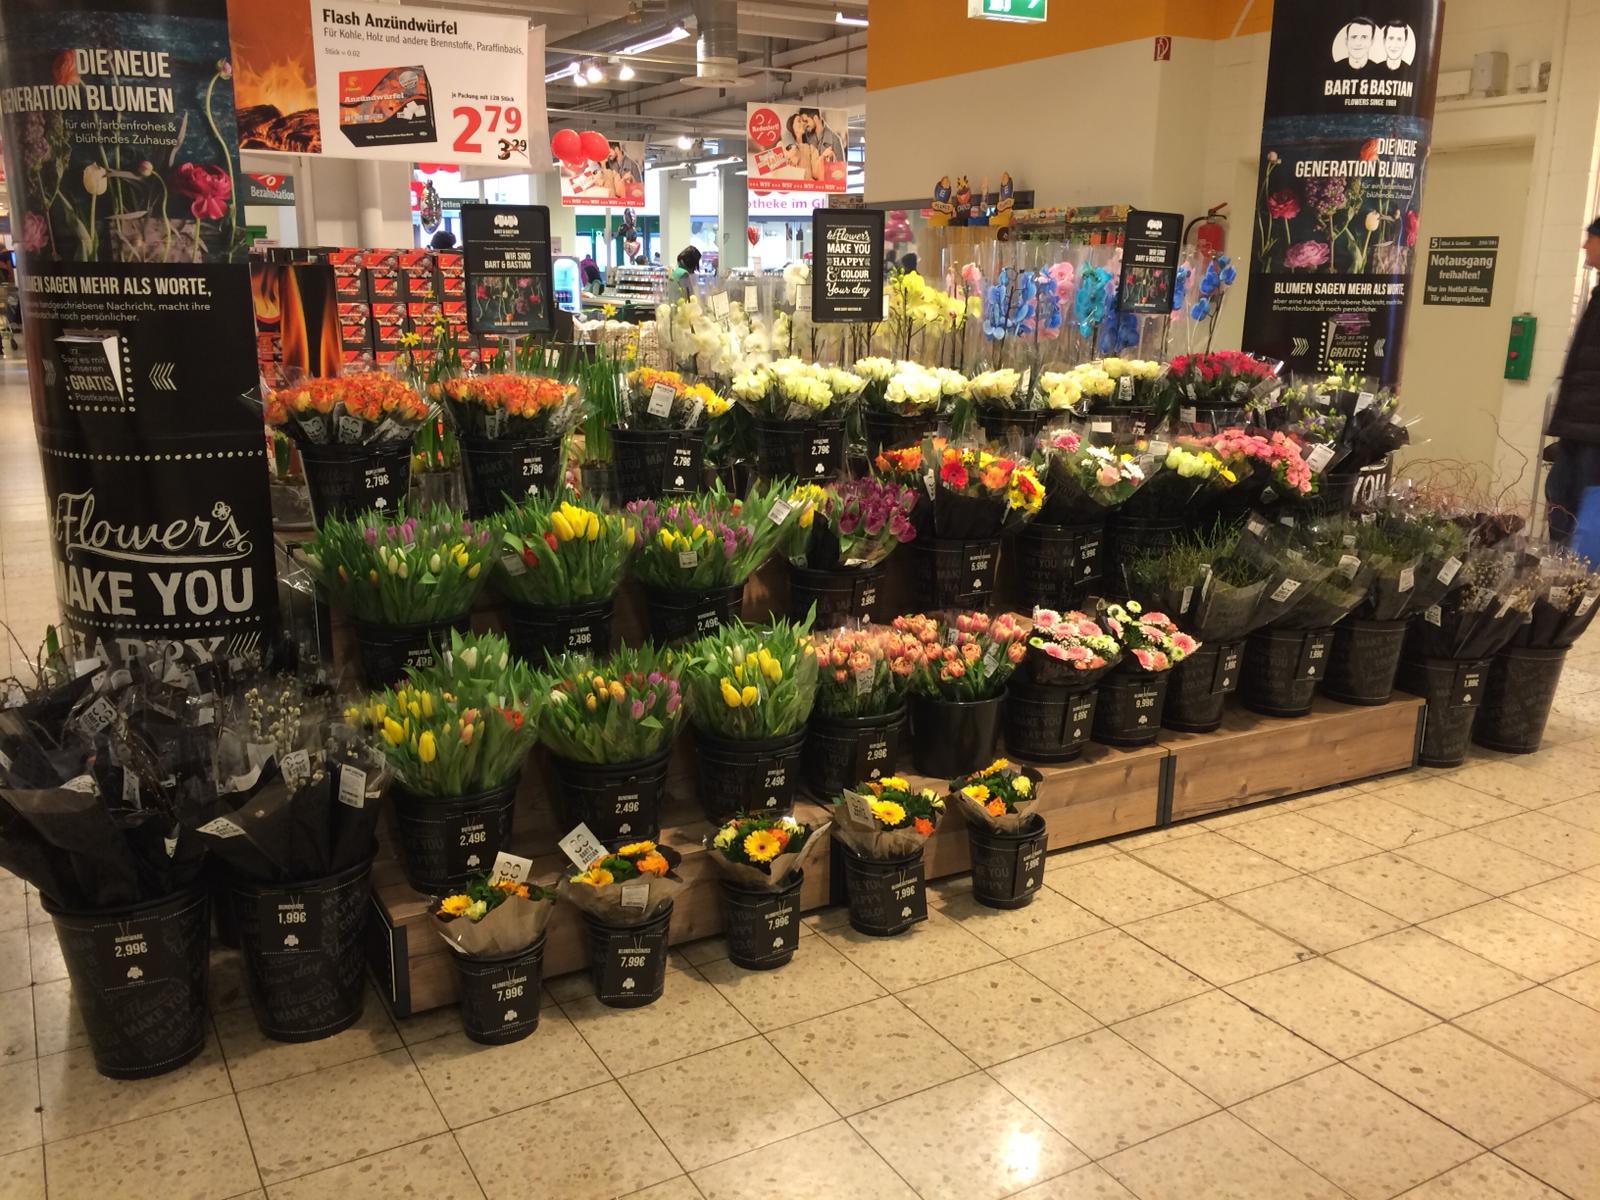 Verdel flower boxes